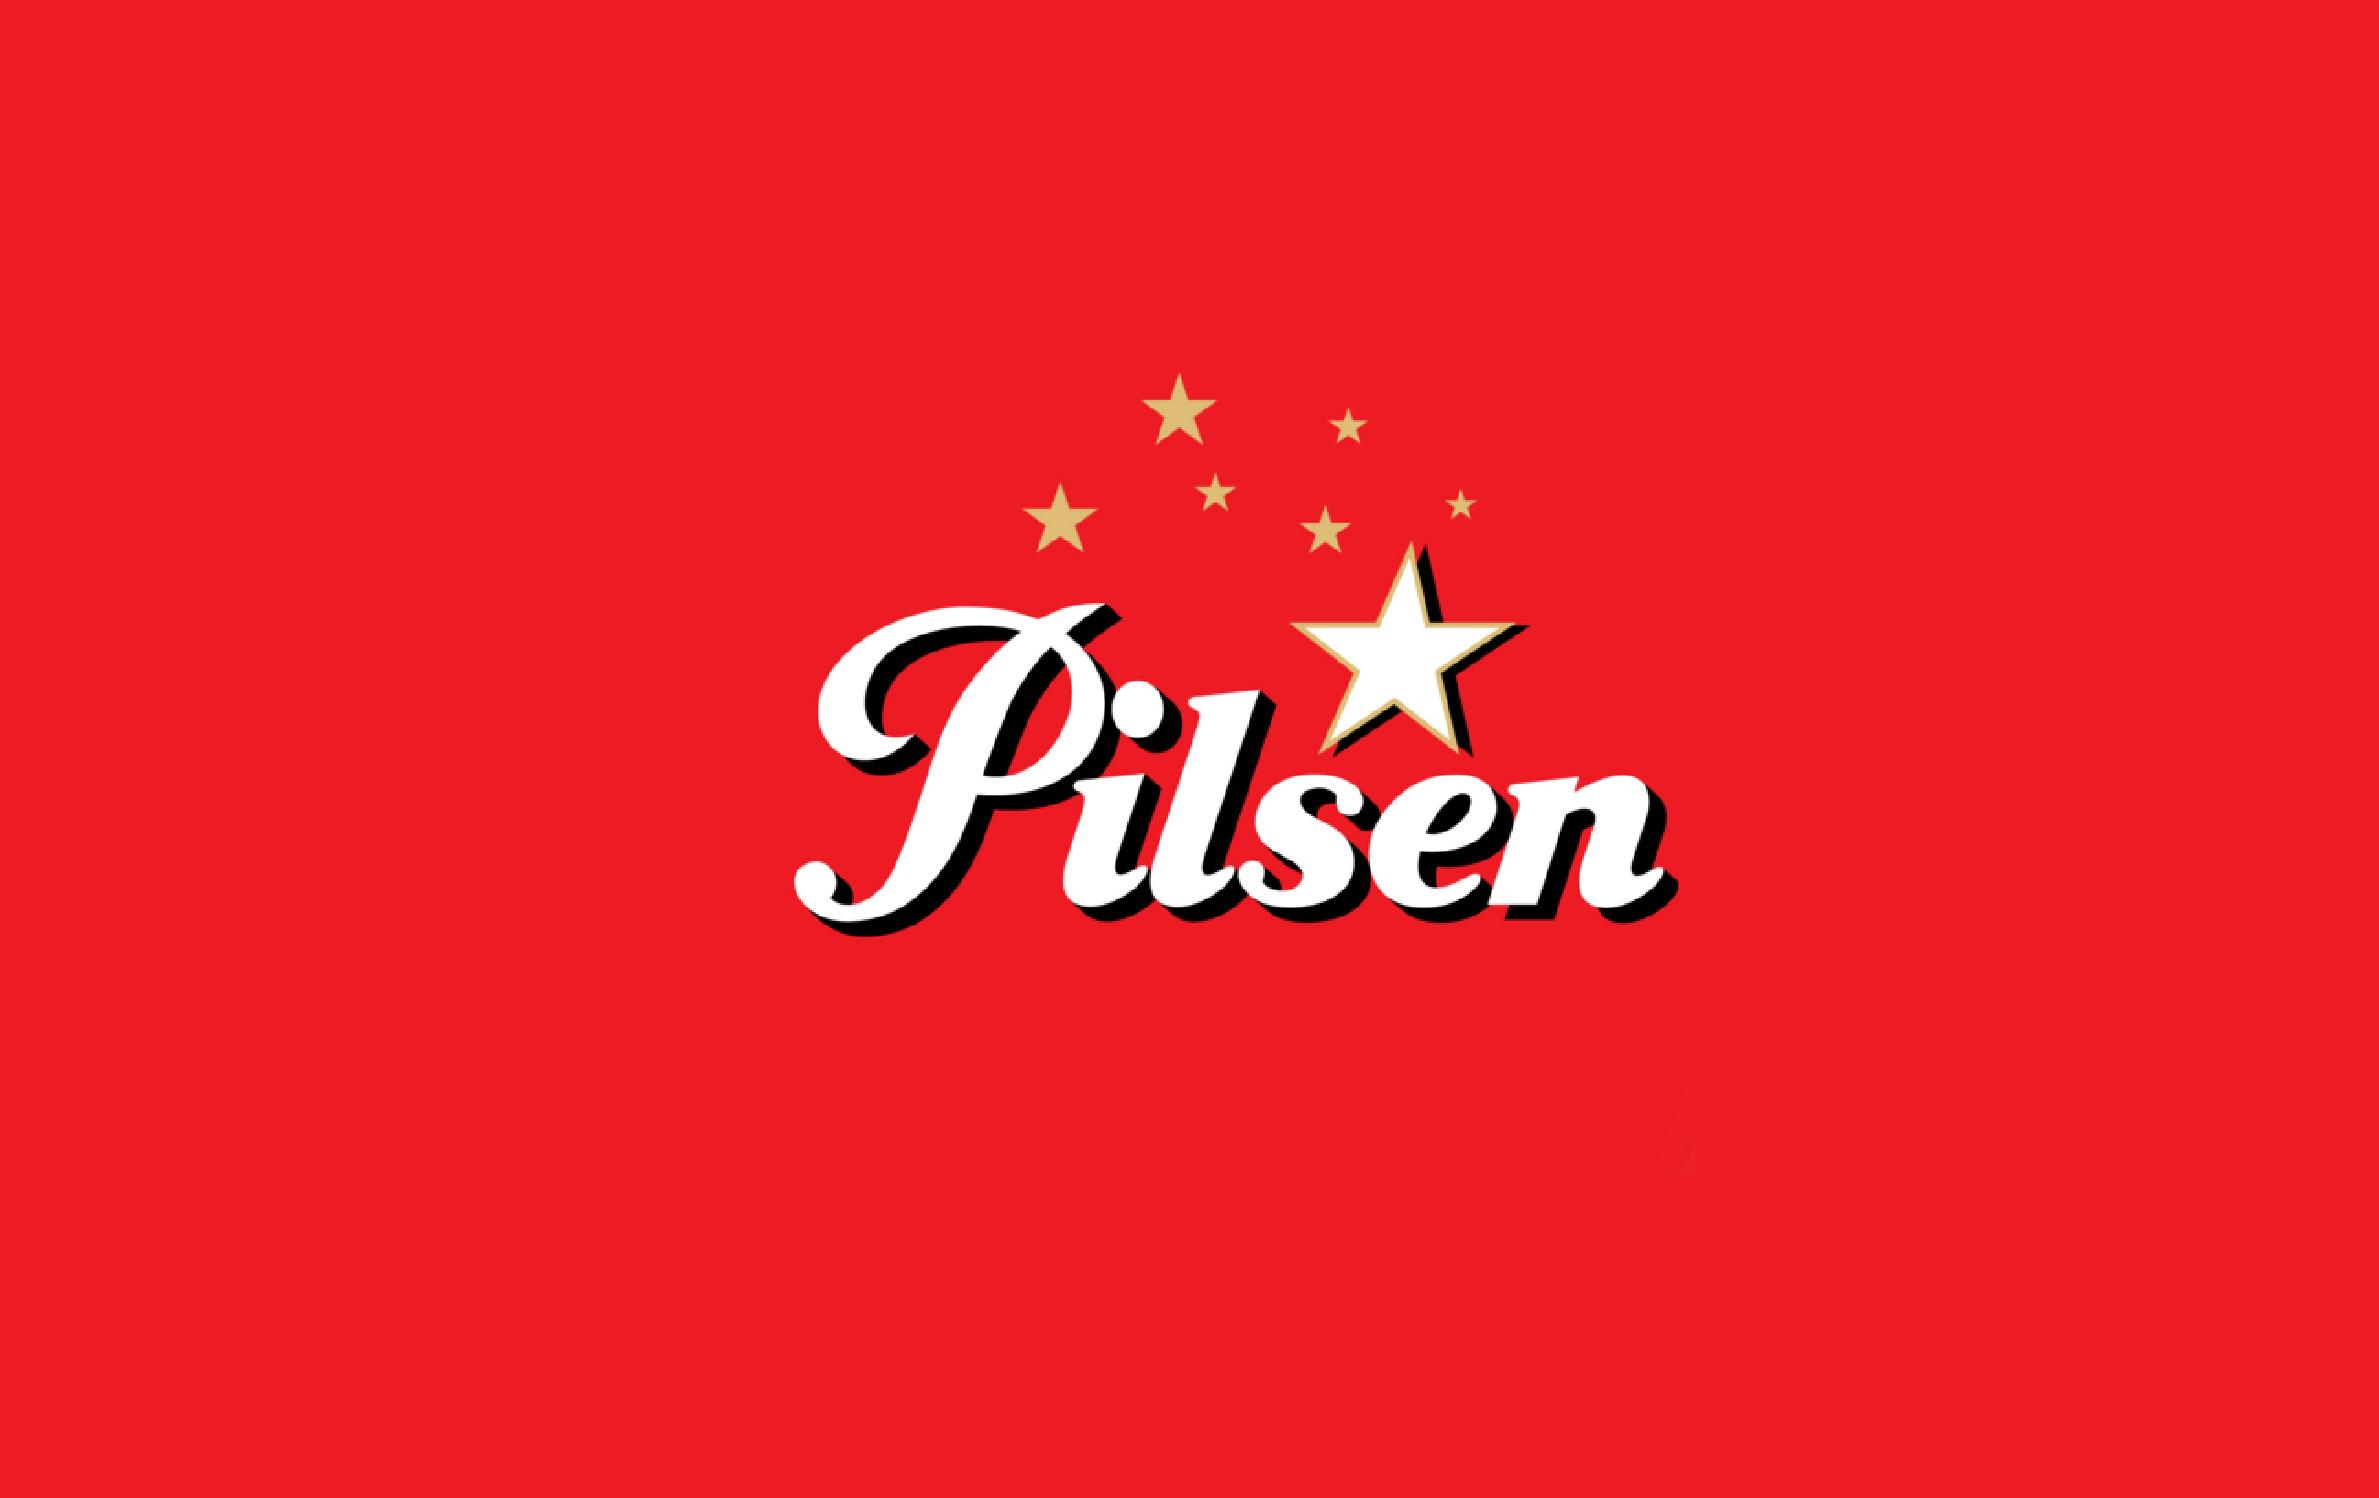 Pilsen, uno de los clientes de Xeerpa